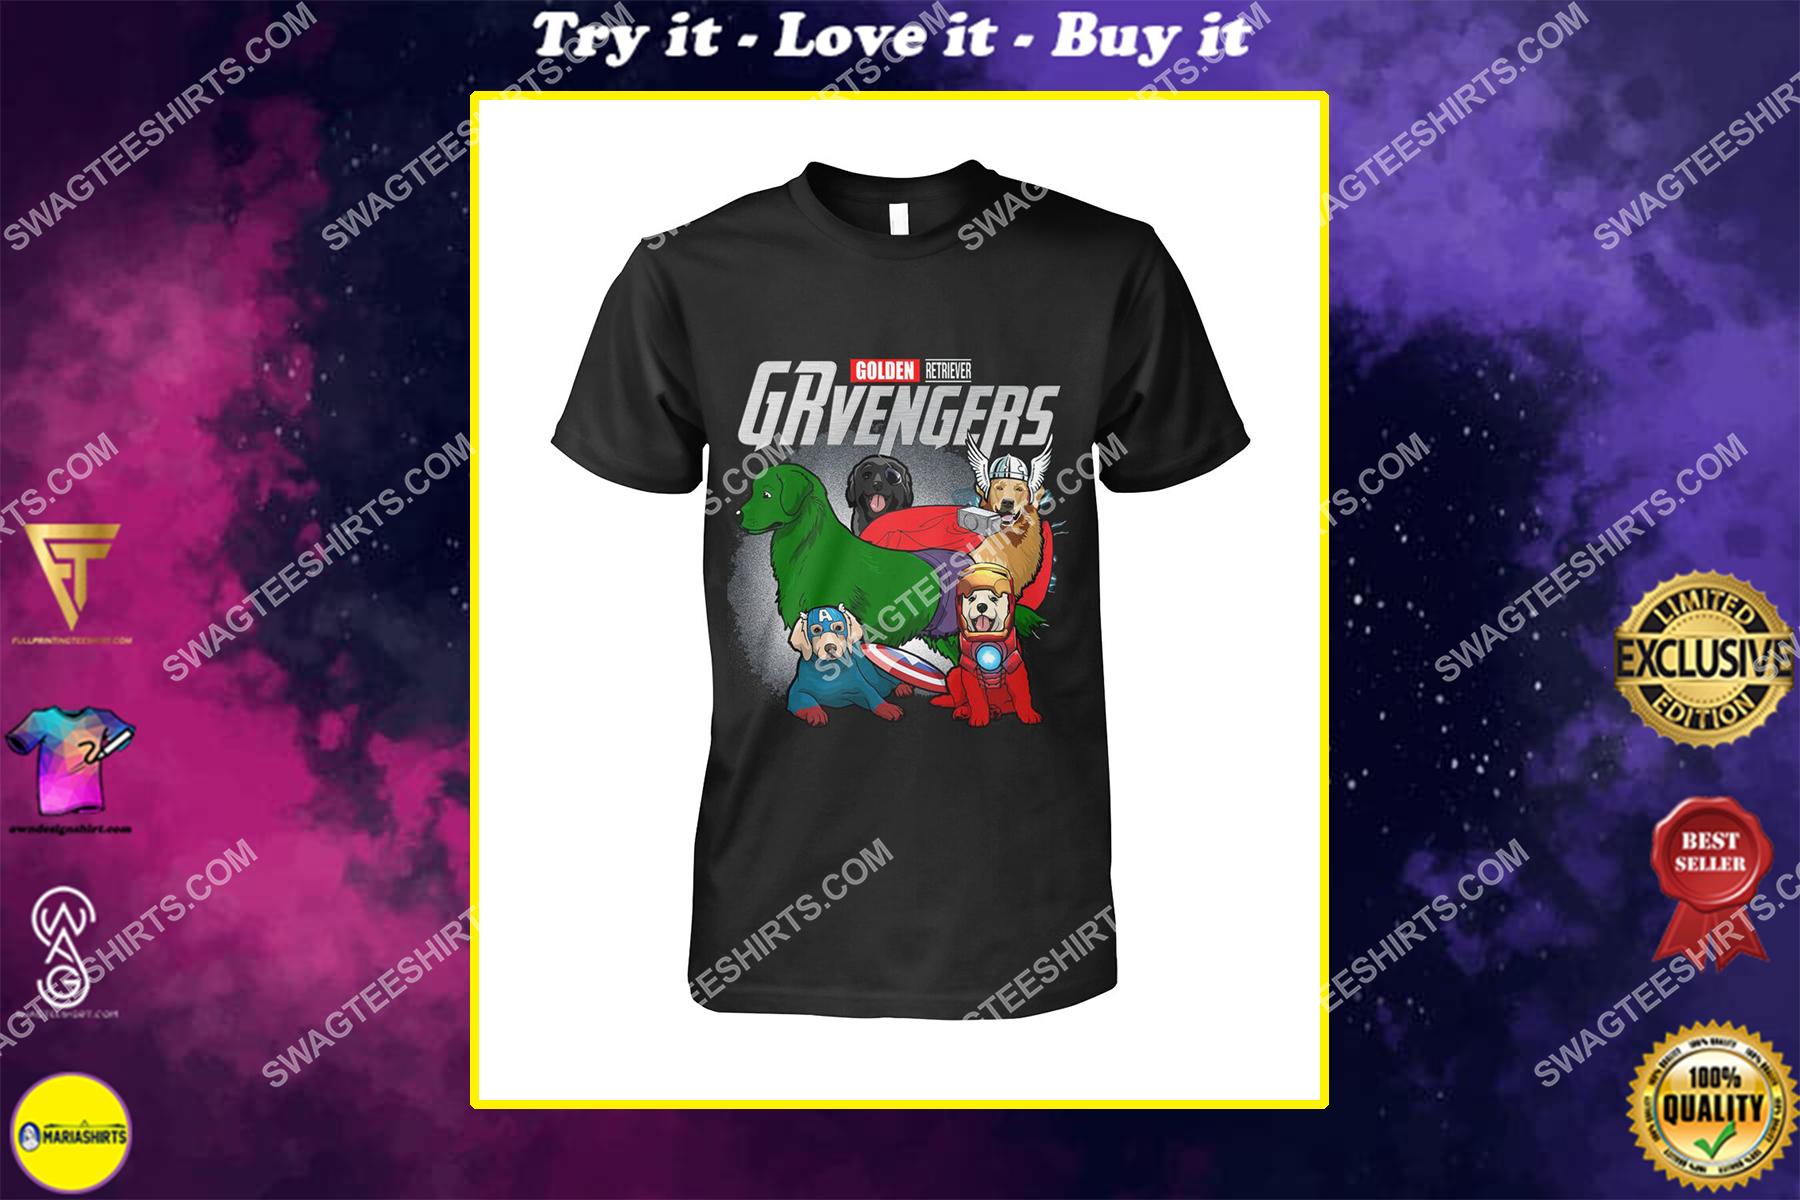 golden retriever grvengers marvel avengers dogs lover shirt